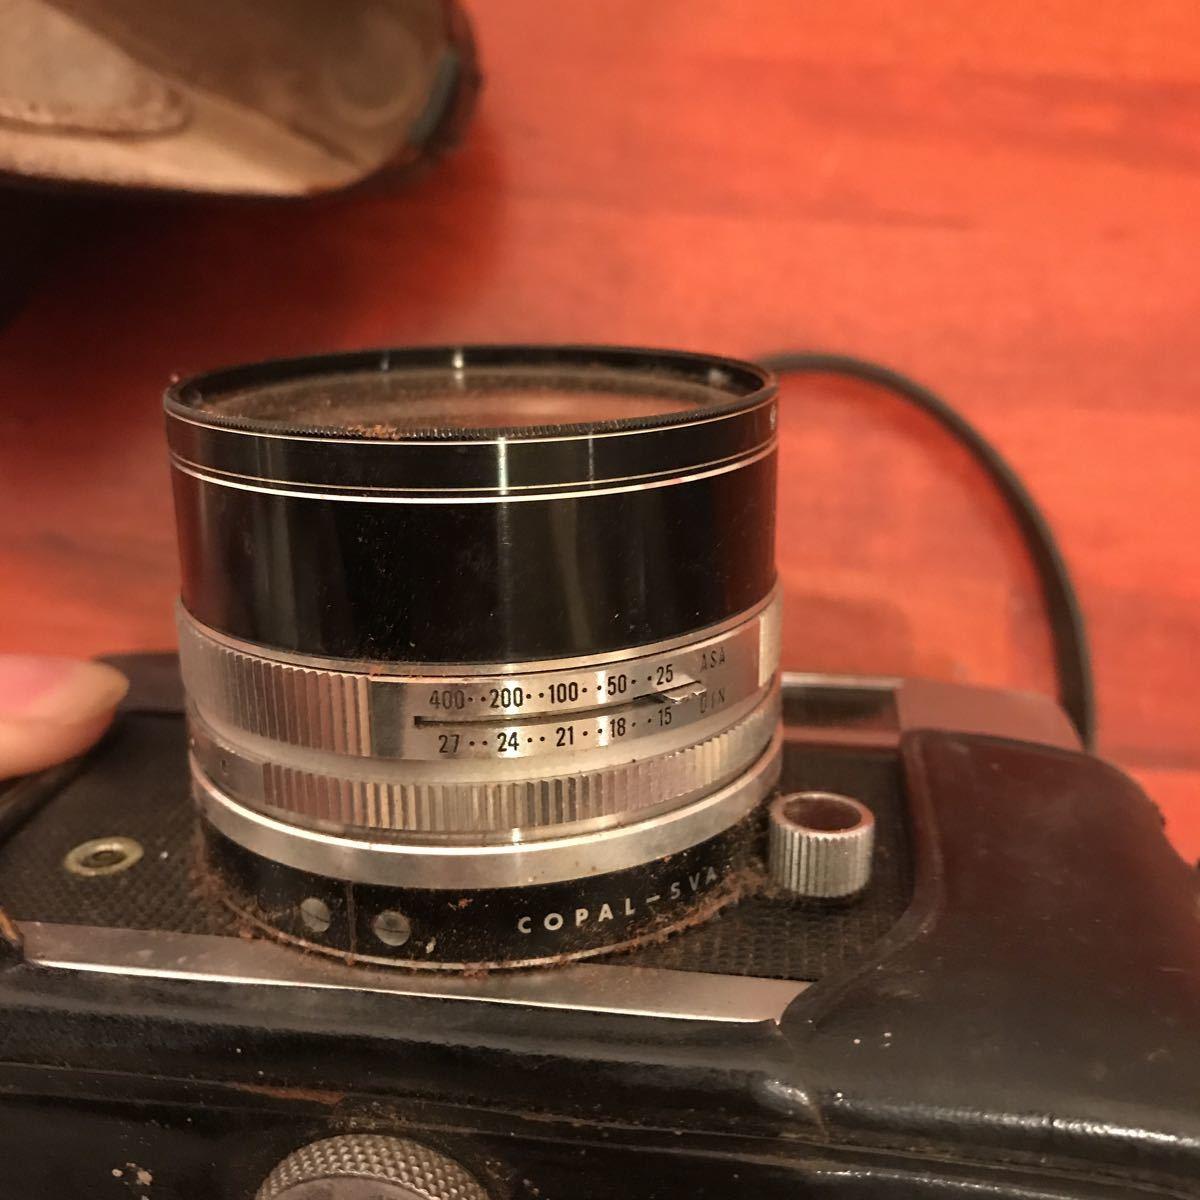 ★☆カメラ★☆KONICA コニカ AUTO S1.6 レンズ HEXANON 1:1.6 f=45mm_画像8